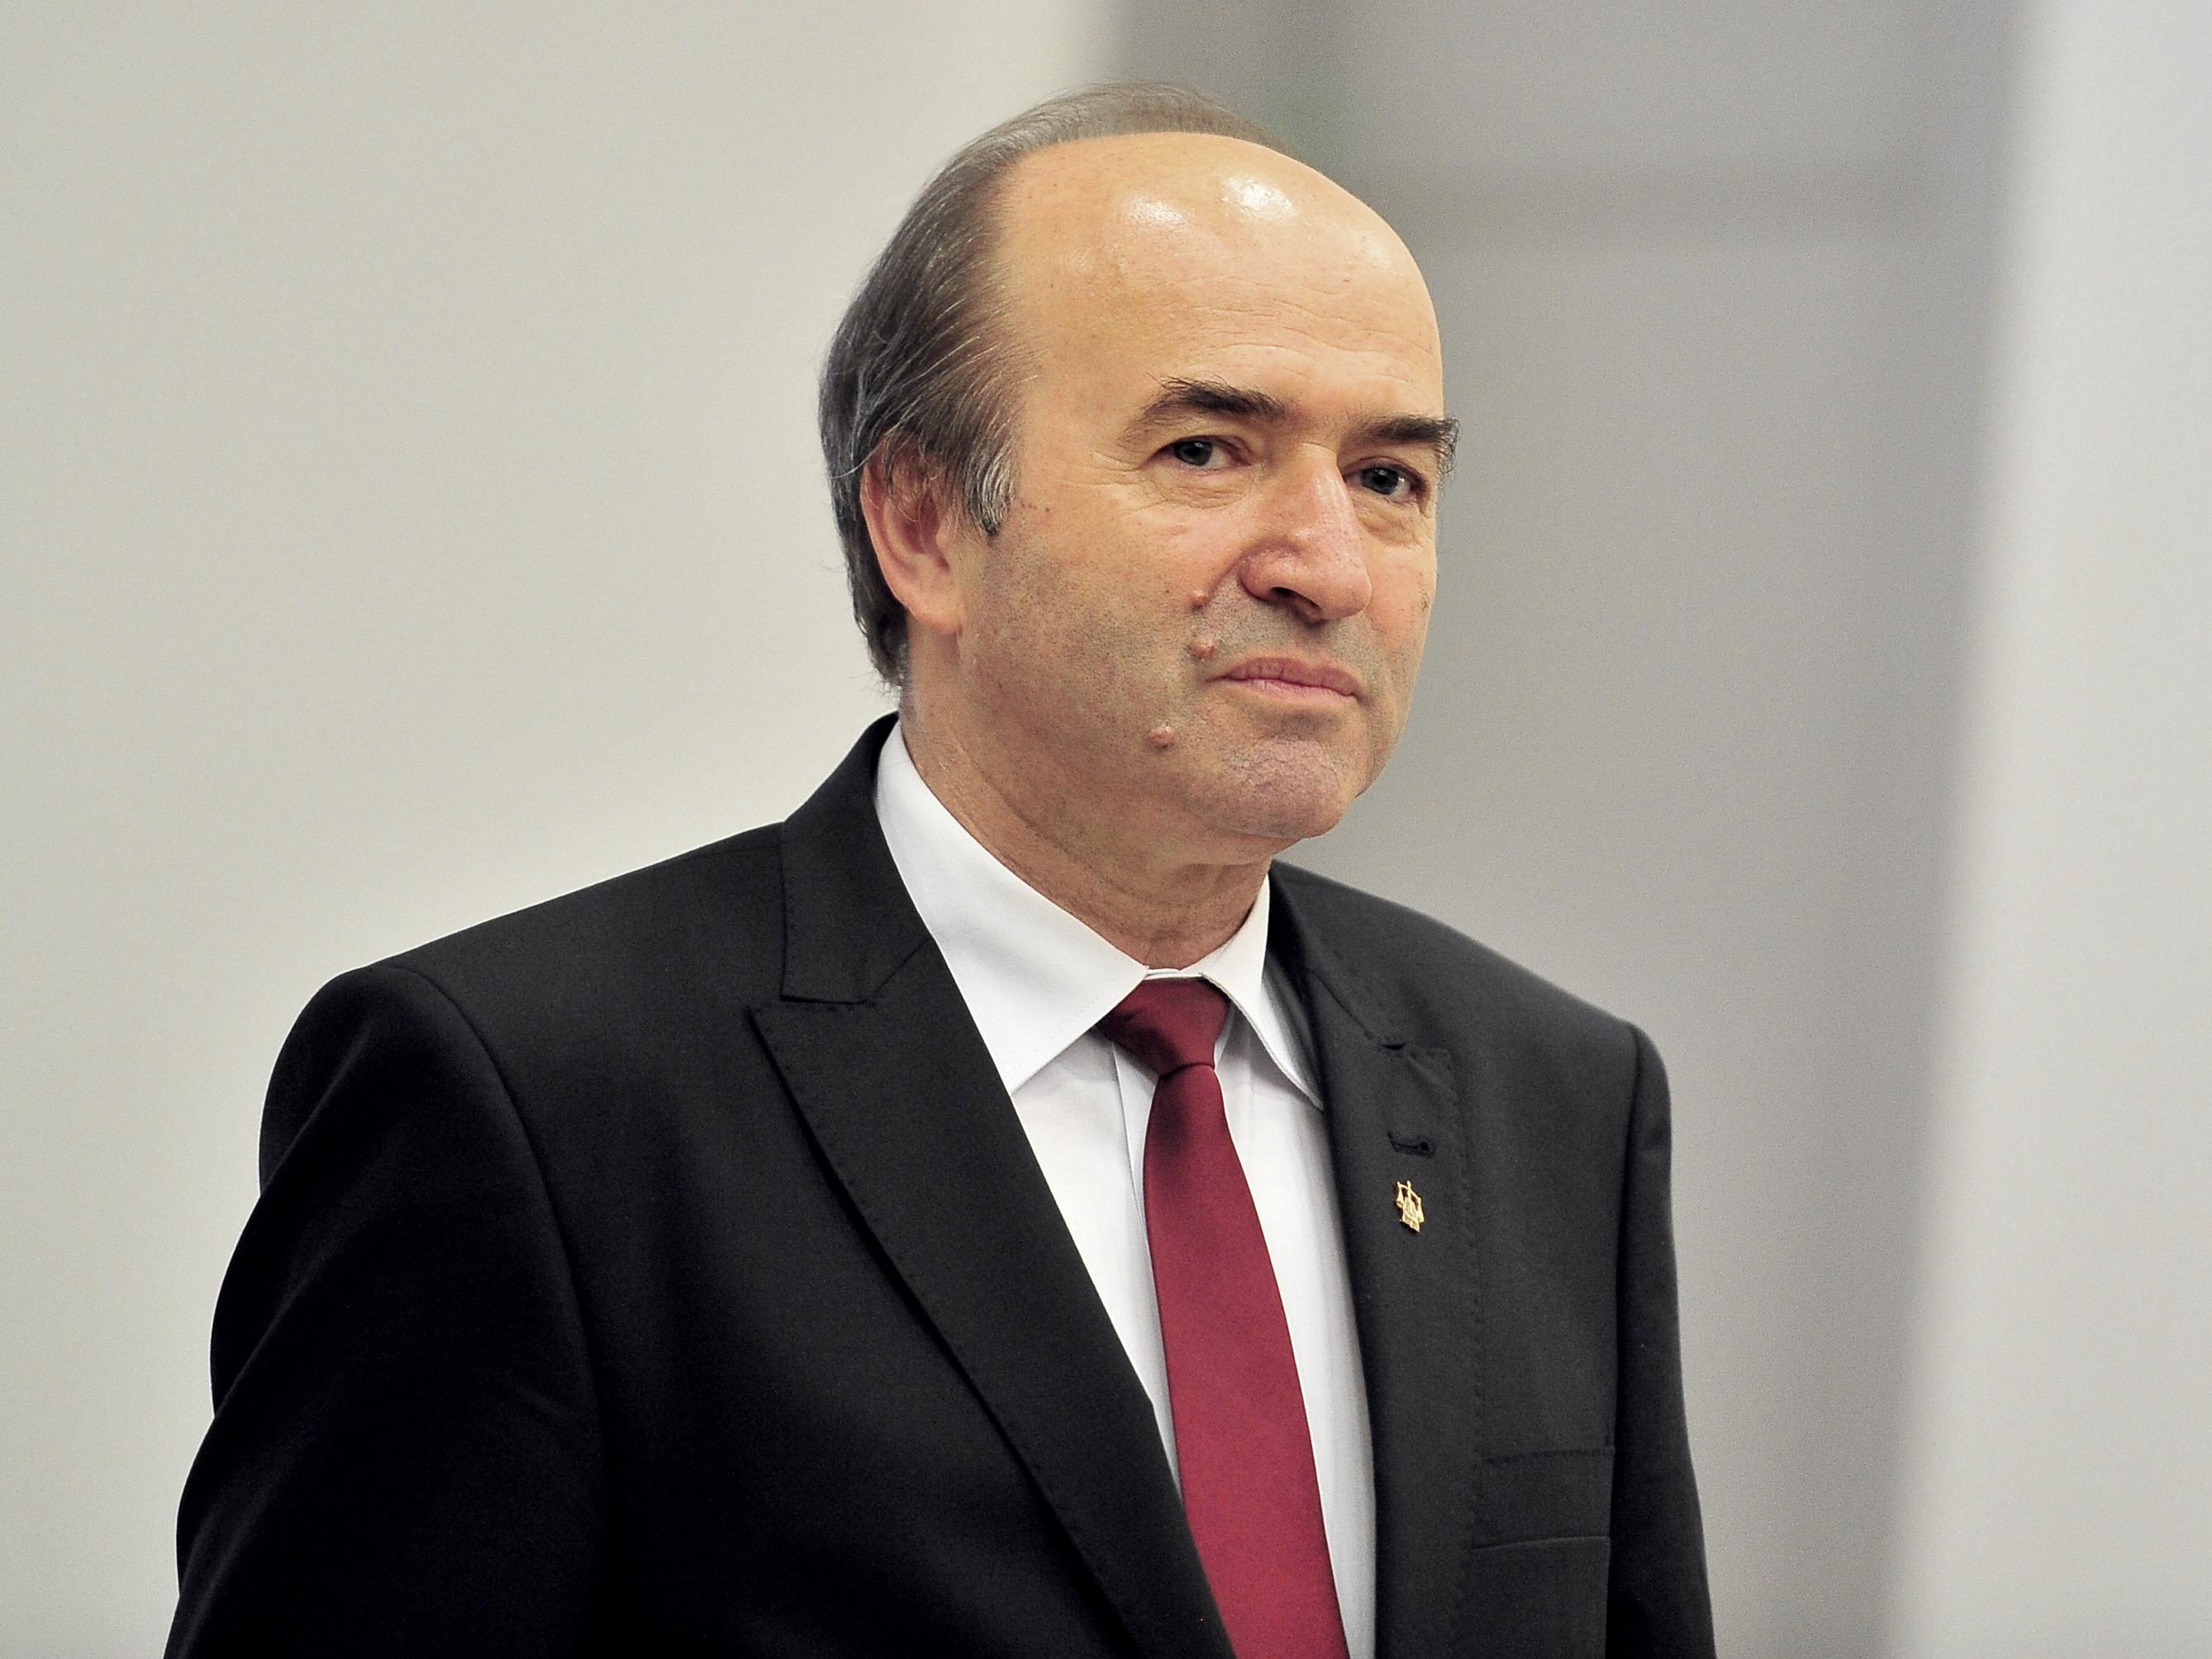 Ministrul Justiţiei: Toader i-a prezentat lui Timmermans evoluţiile în ceea ce priveşte modificarea legilor justiţiei